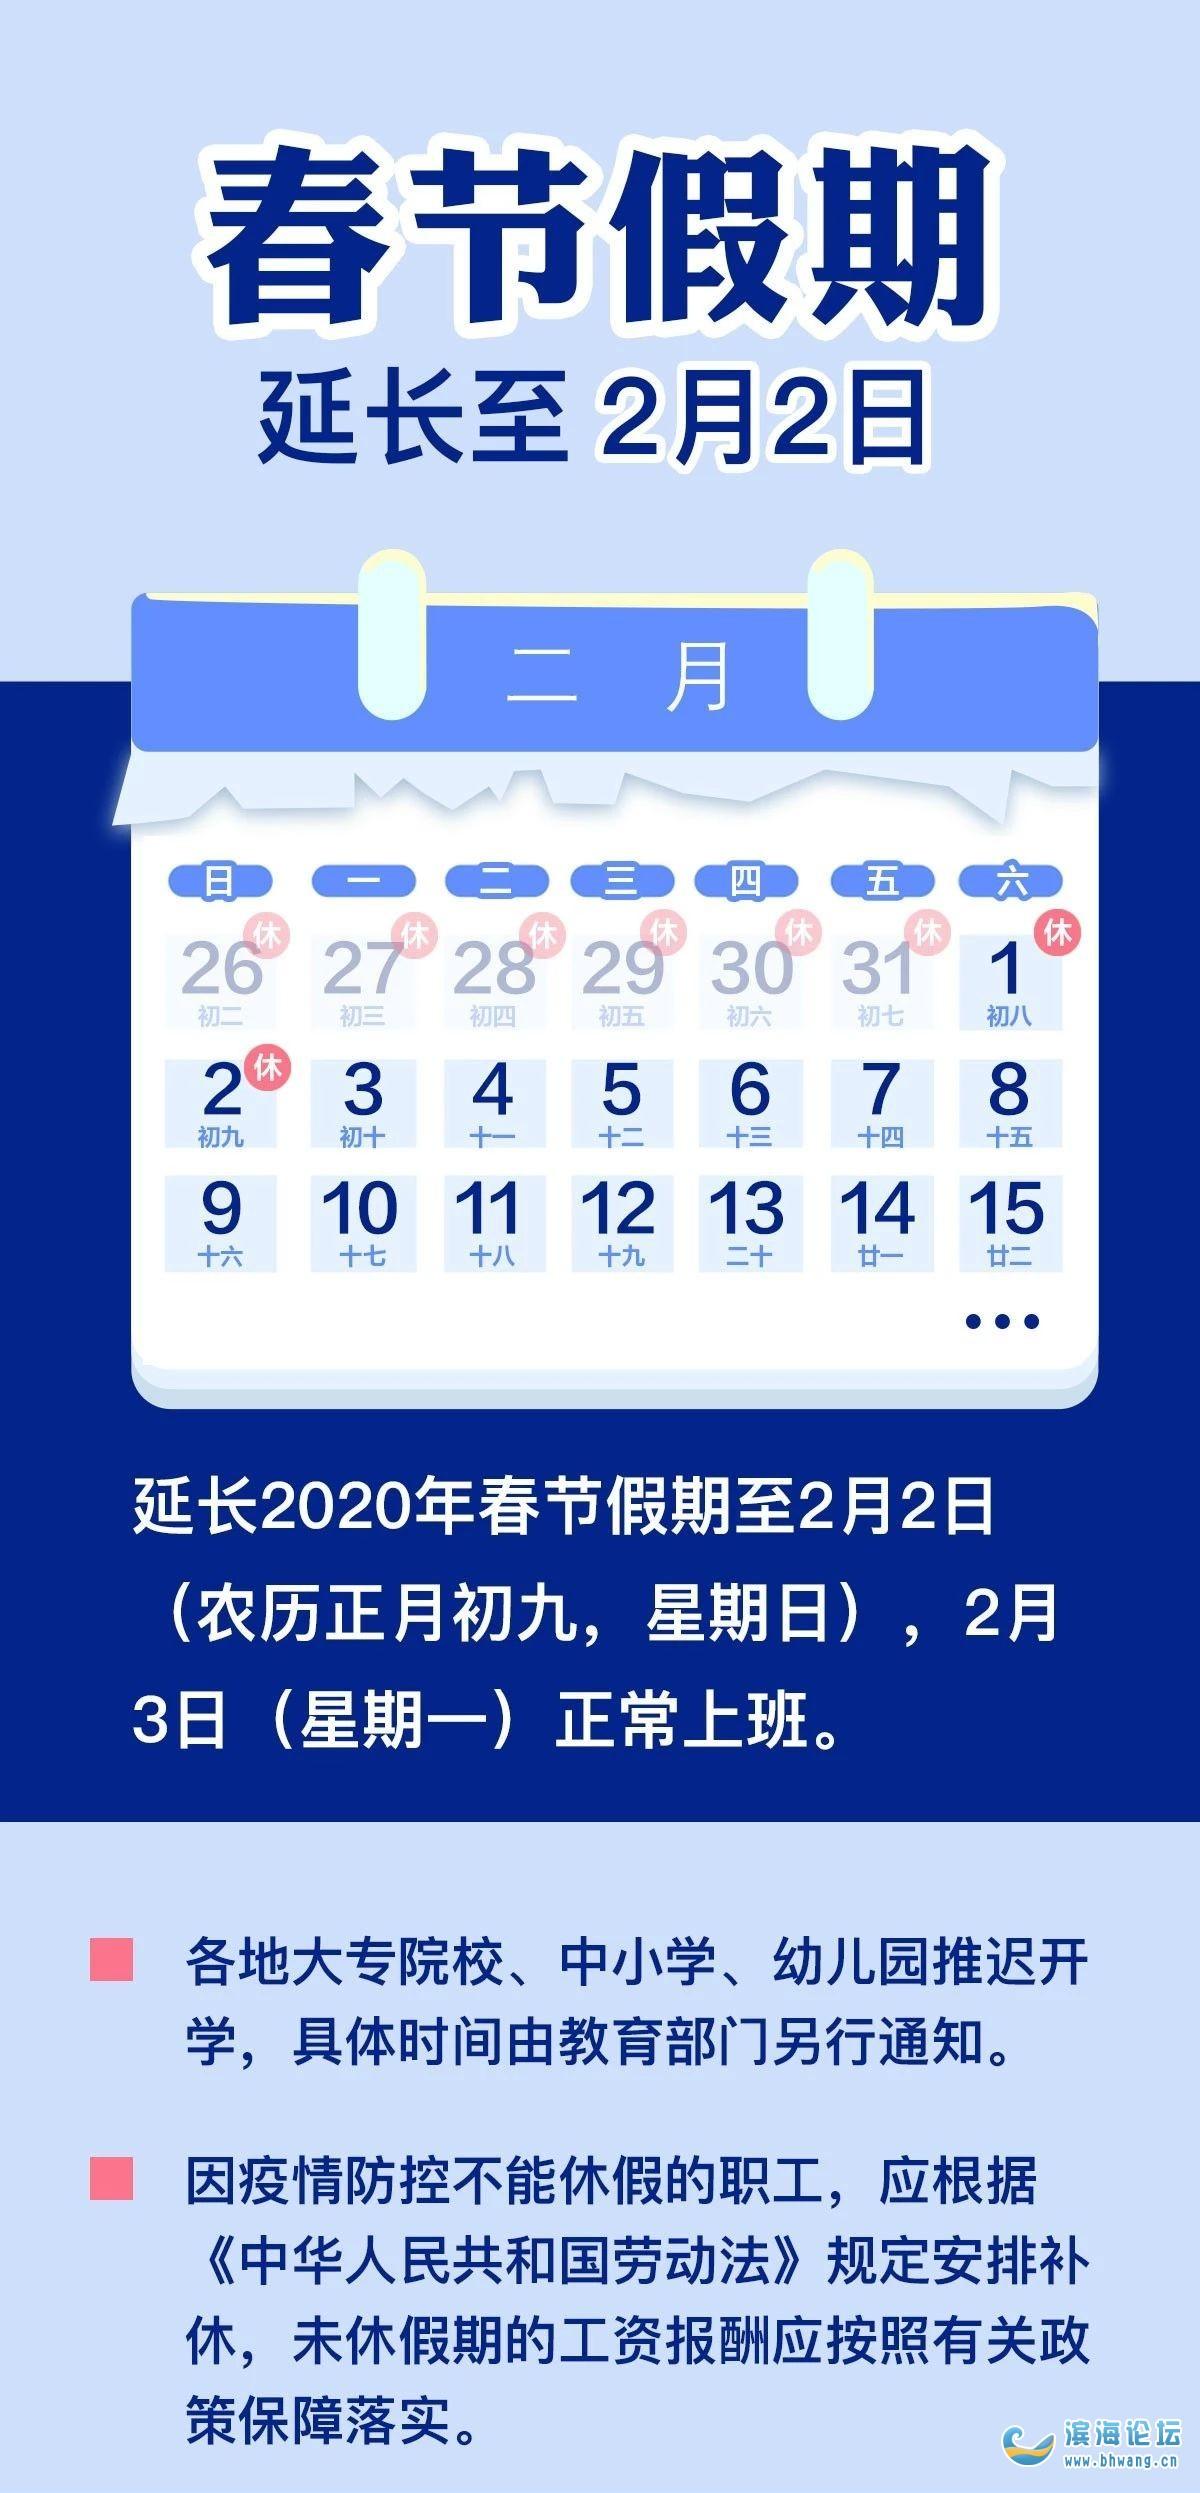 定了!国务院批准春节假期延长至2月2日